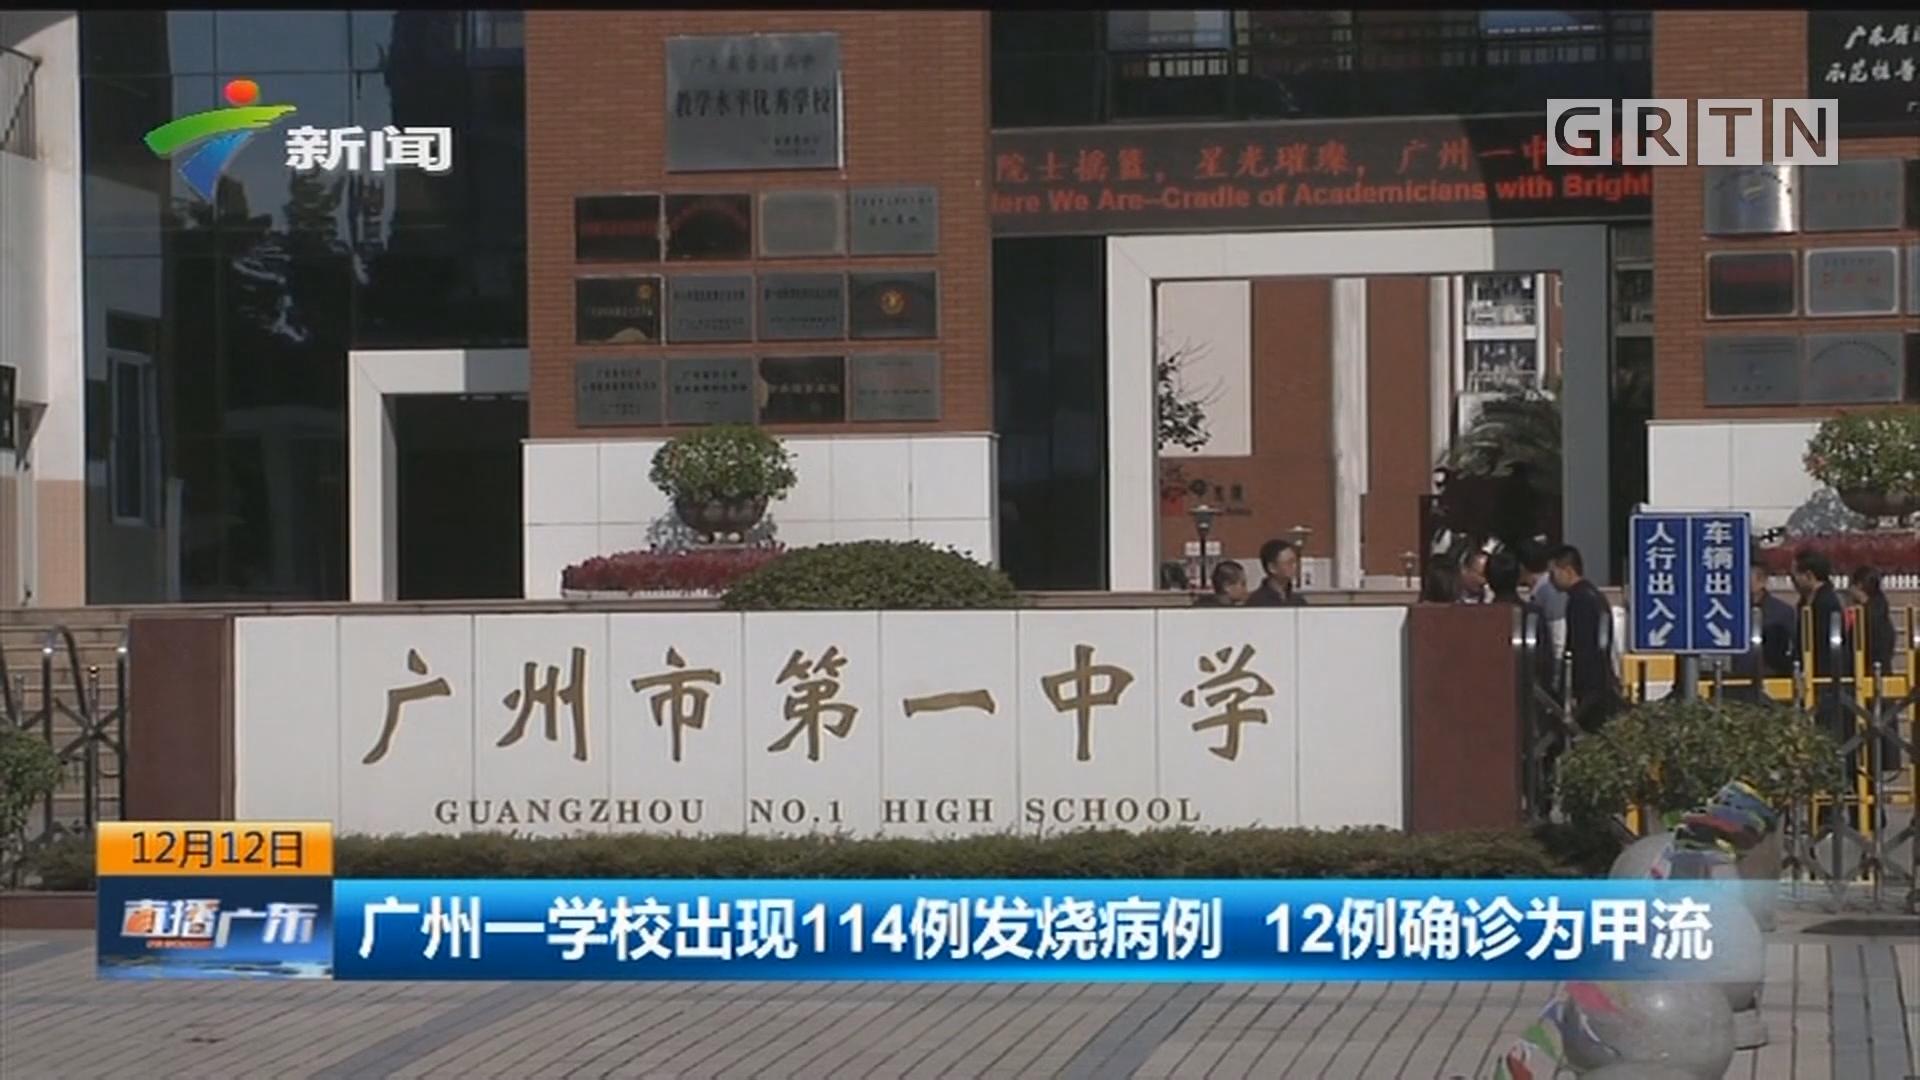 广州一学校出现114例发烧病例 12例确诊为甲流